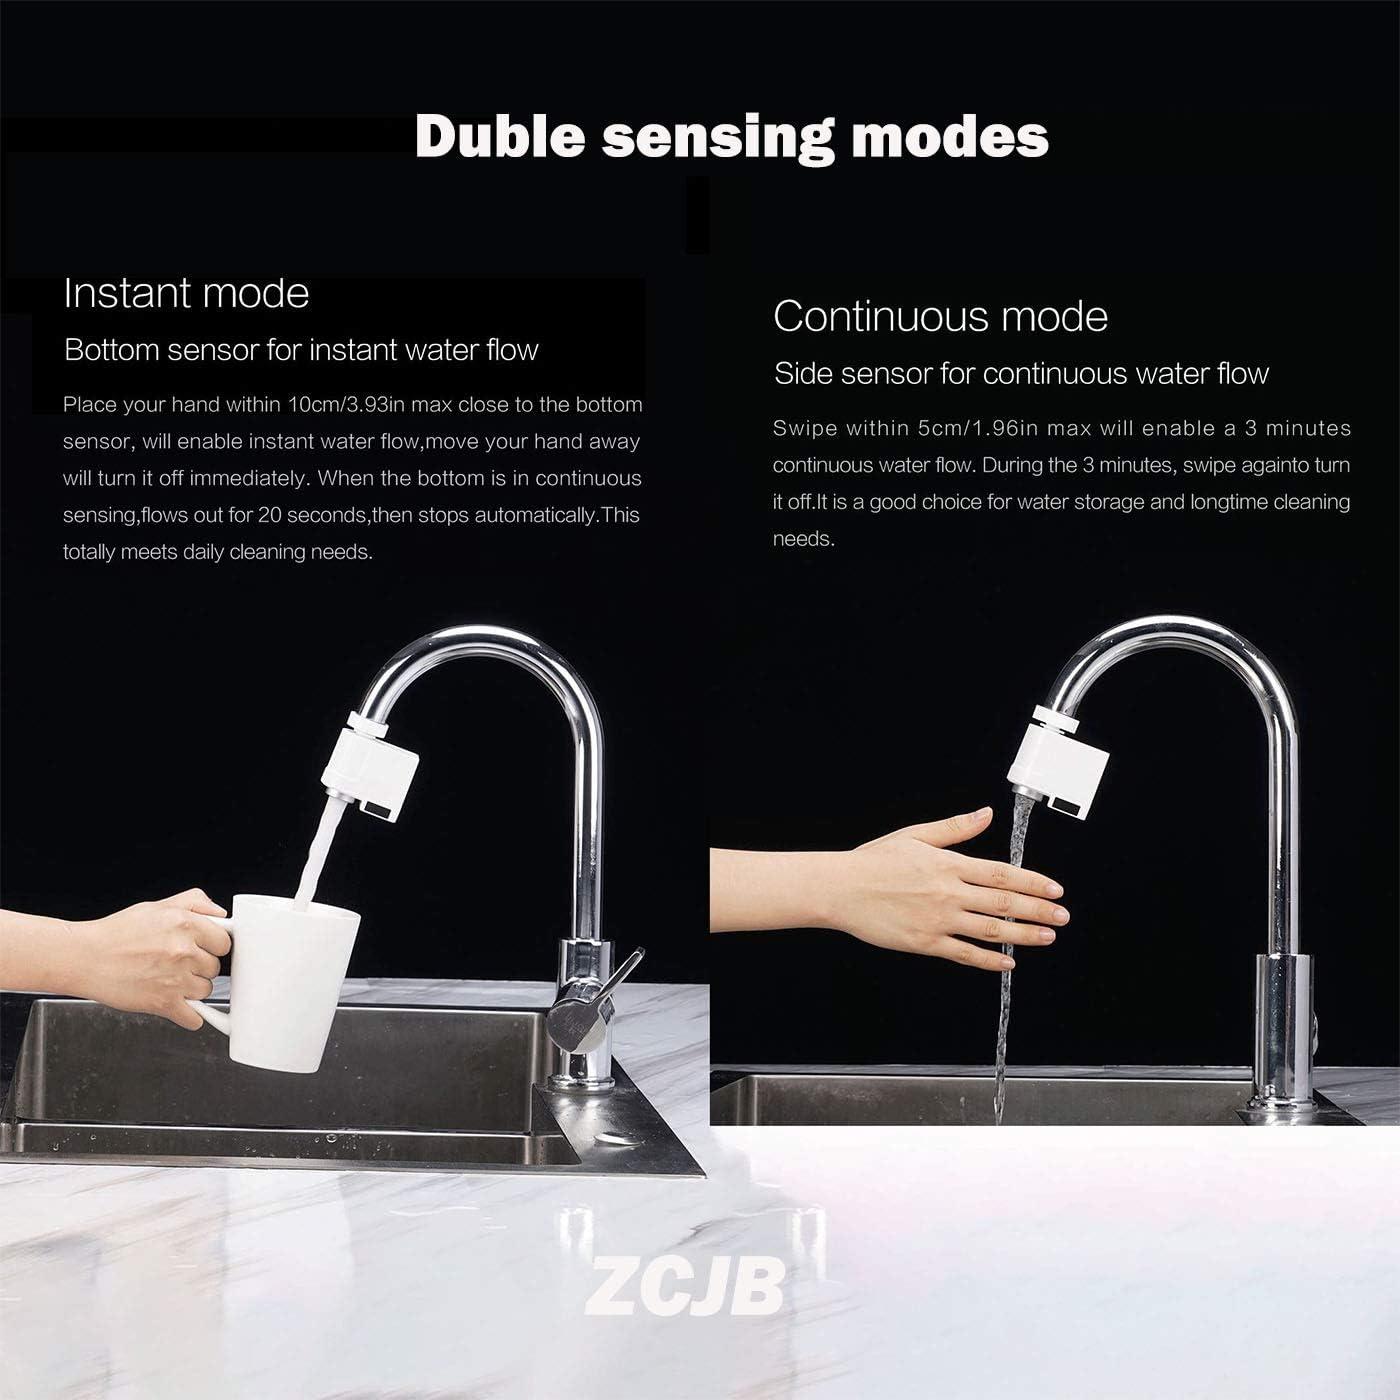 ZCJB adaptador de grifo sin contacto inteligente sensor grifo para cocina ba/ño sensor infrarrojo autom/ático con protecci/ón anti-desbordamiento f/ácil de instalar